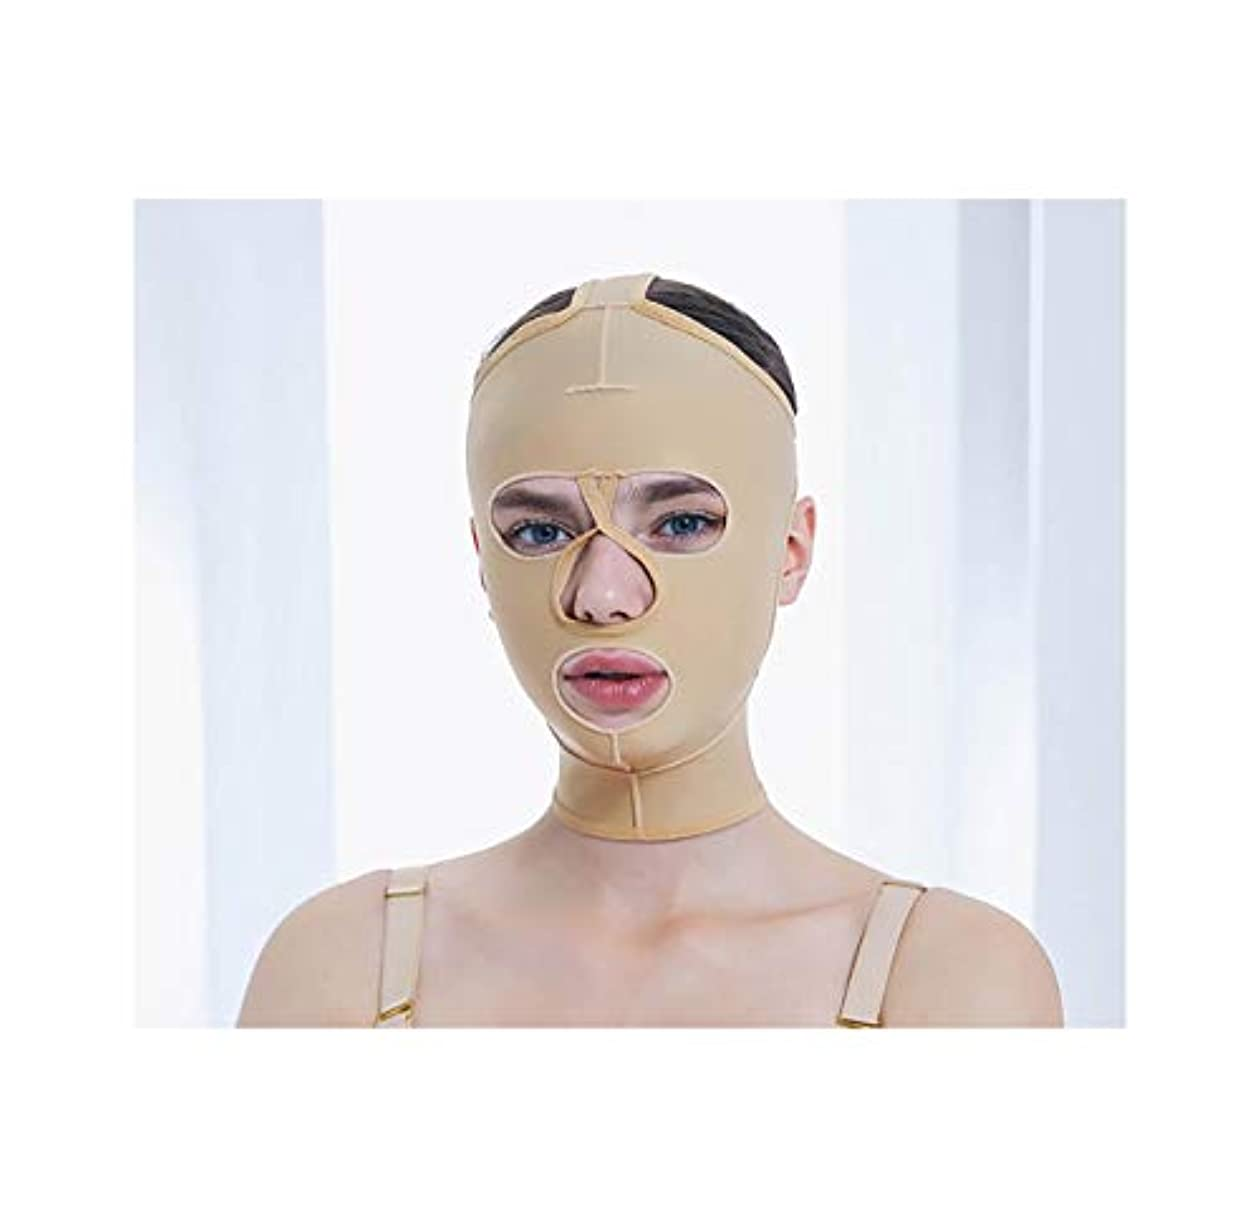 ライド偽禁止するGLJJQMY 顔と首のリフト痩身マスク脂肪吸引術脂肪吸引整形マスクフードフェイシャルリフティングアーティファクトVフェイスビーム弾性スリーブ 顔用整形マスク (Size : XXL)